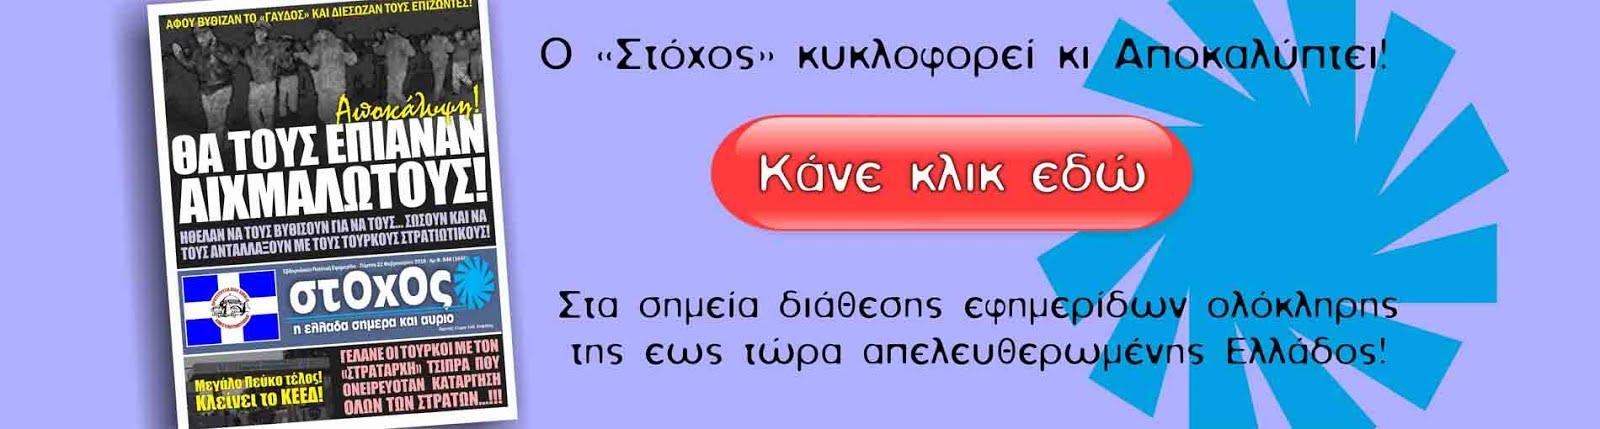 ΕΦΗΜΕΡΙΔΑ «ΣΤΟΧΟΣ»